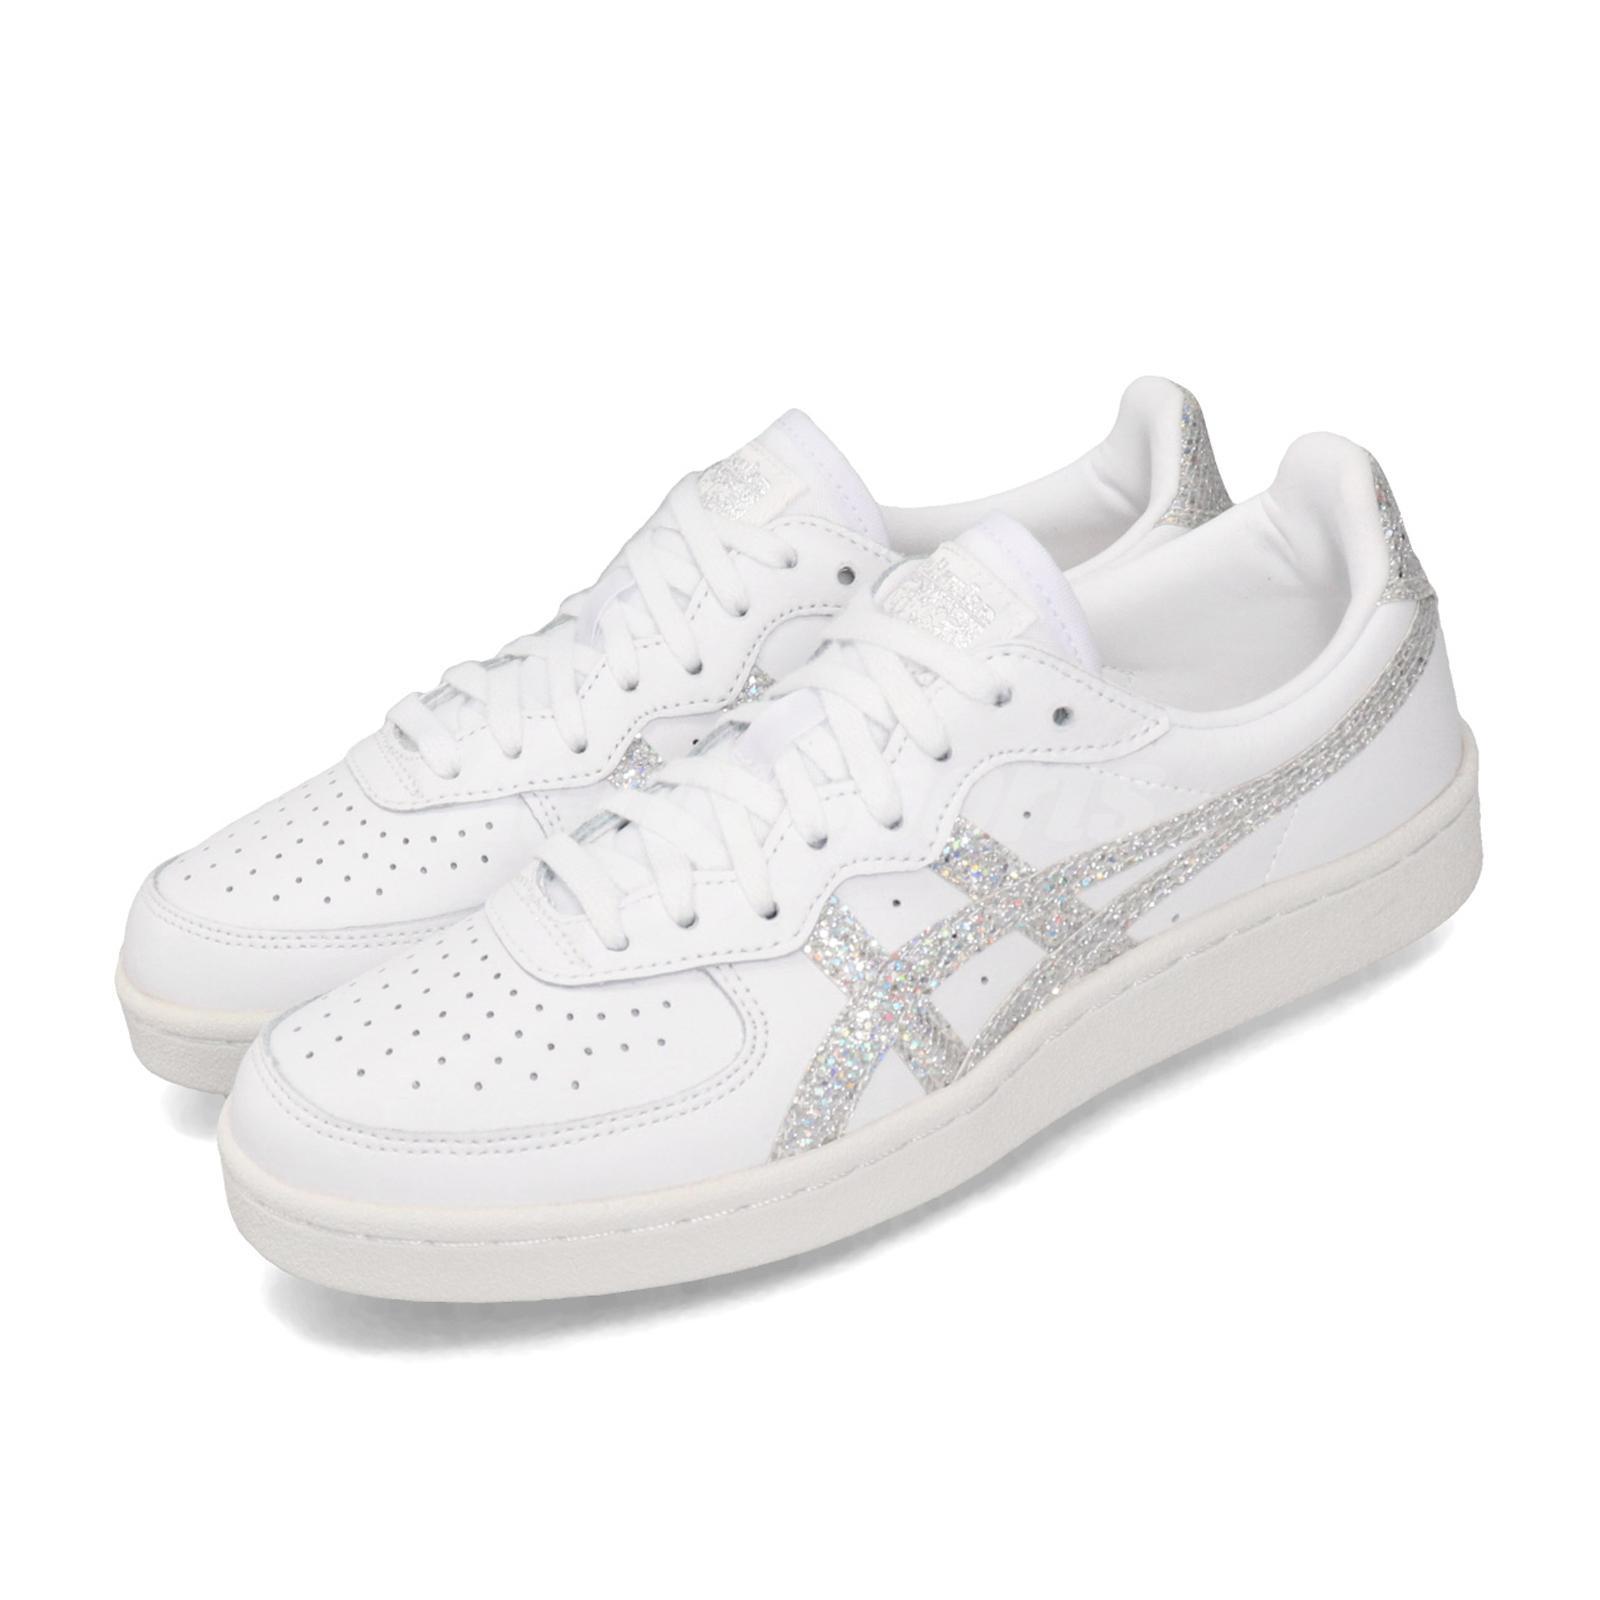 en un día festivo césped error  Asics Onitsuka Tiger GSM White Silver Women Casual Shoes Sneakers  1182A108-100 | eBay